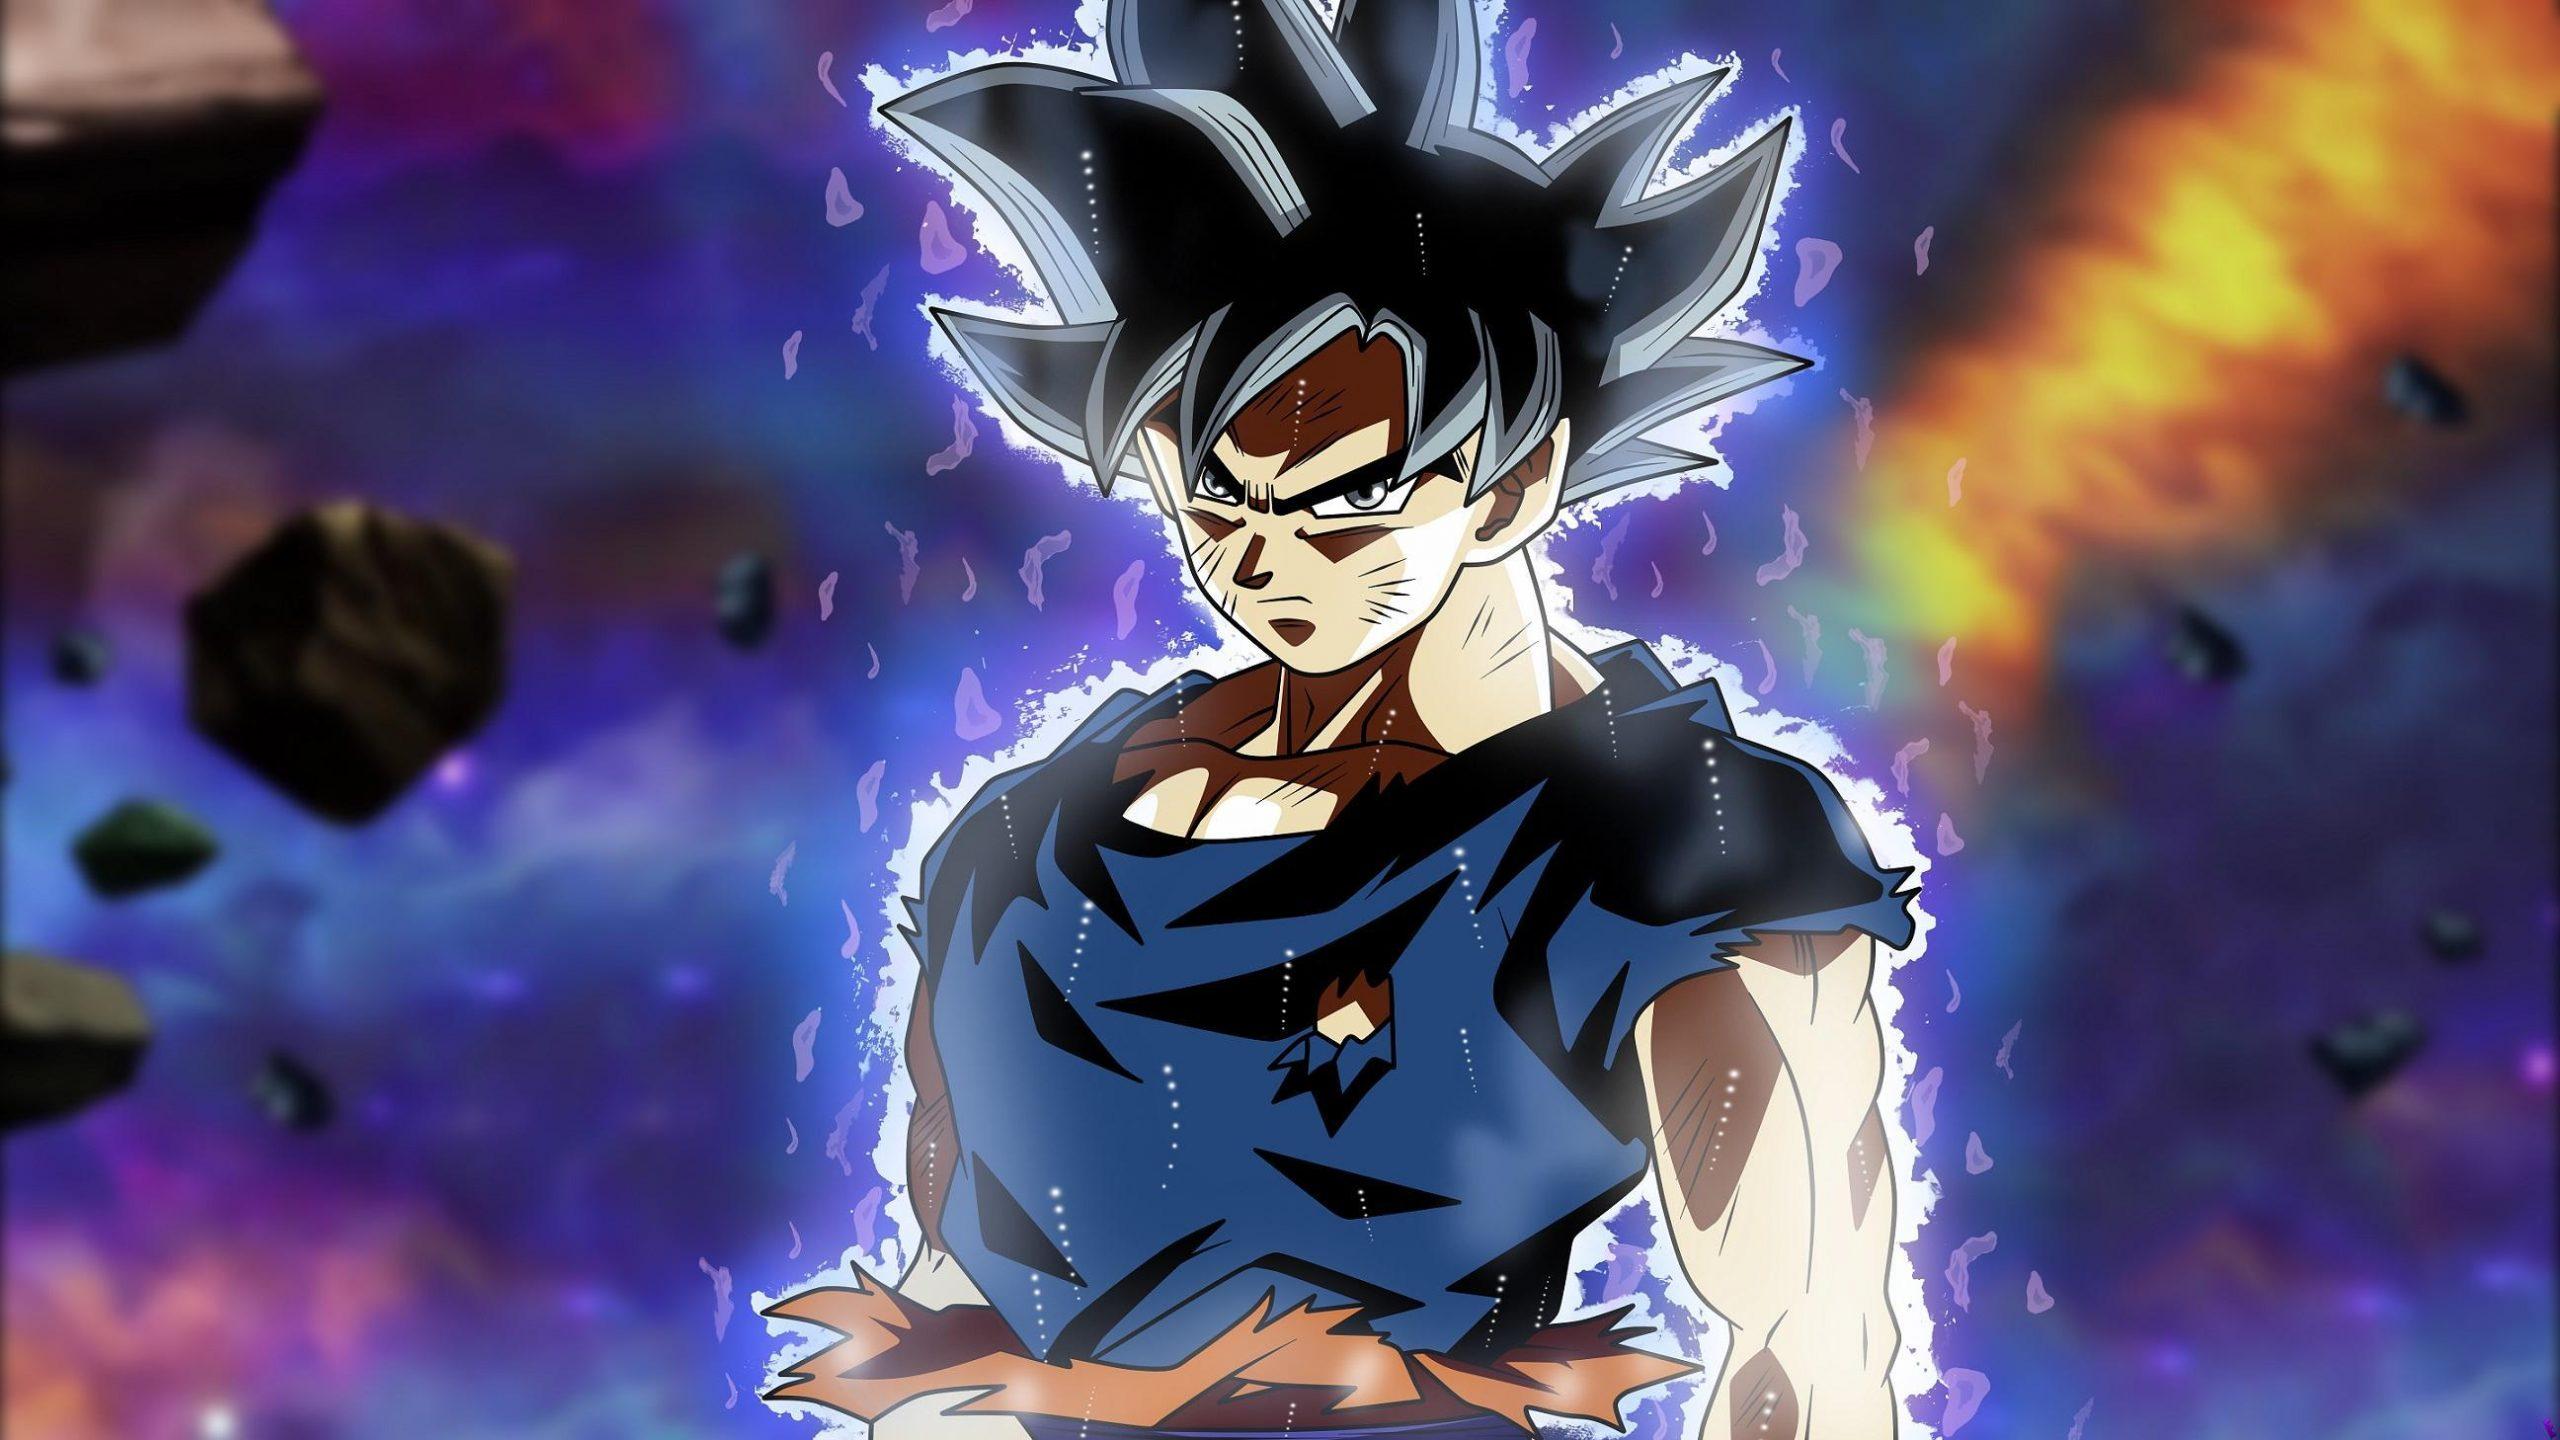 Pesepakbola Profesional Mengubah Namanya Menjadi Goku Karena Kecintaannya Pada Dragon Ball